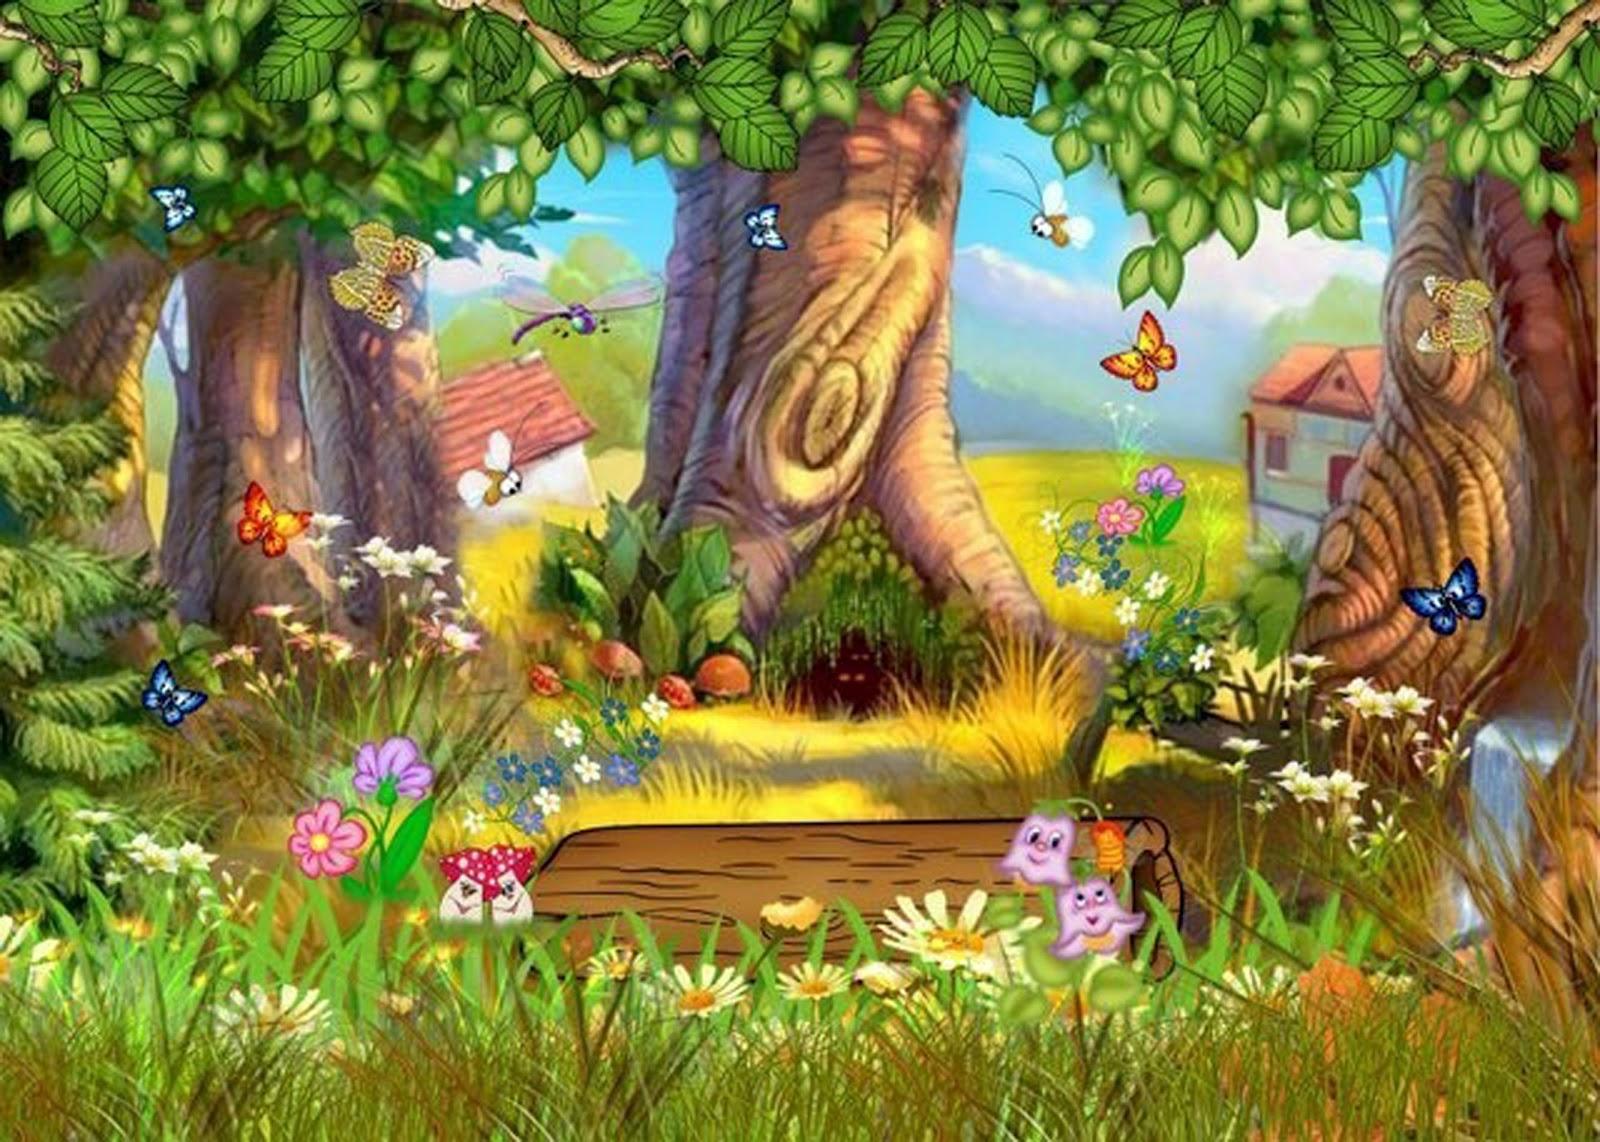 imagens jardim encantado : imagens jardim encantado:PSD Fairy Tale Forest Cartoon